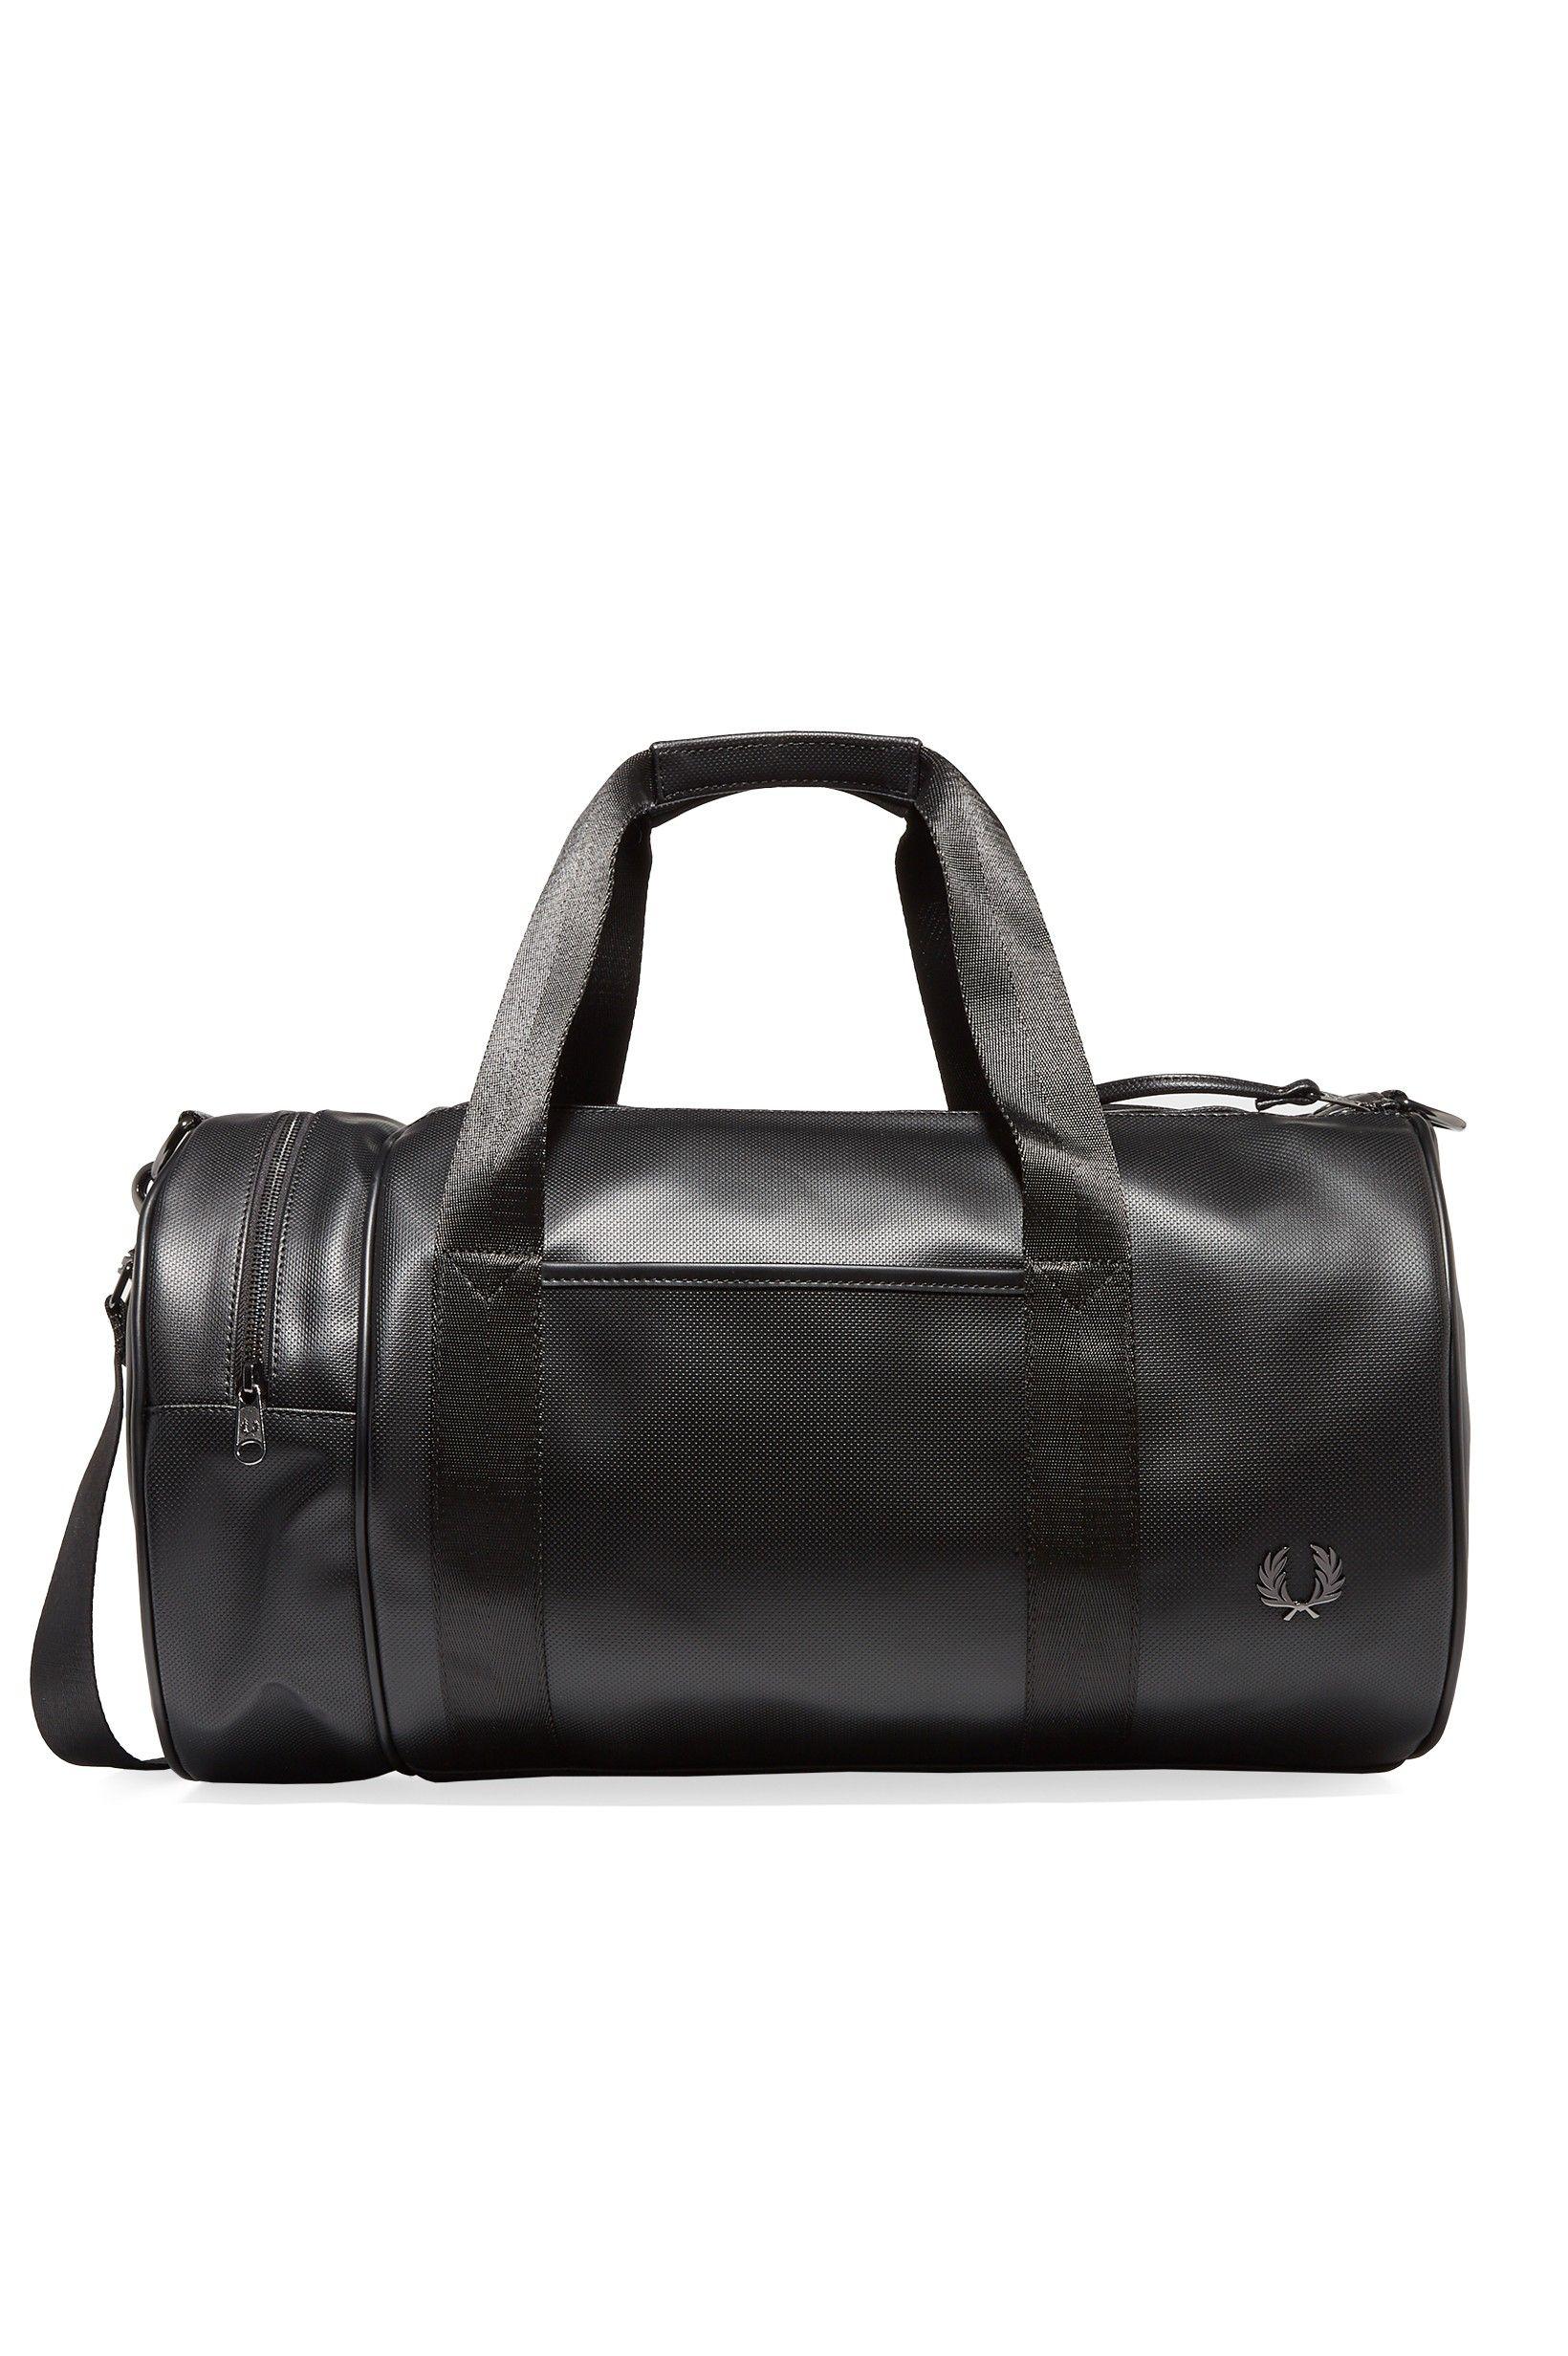 bättre hur man köper kampanjkoder Pin on Luggage & Backpacks